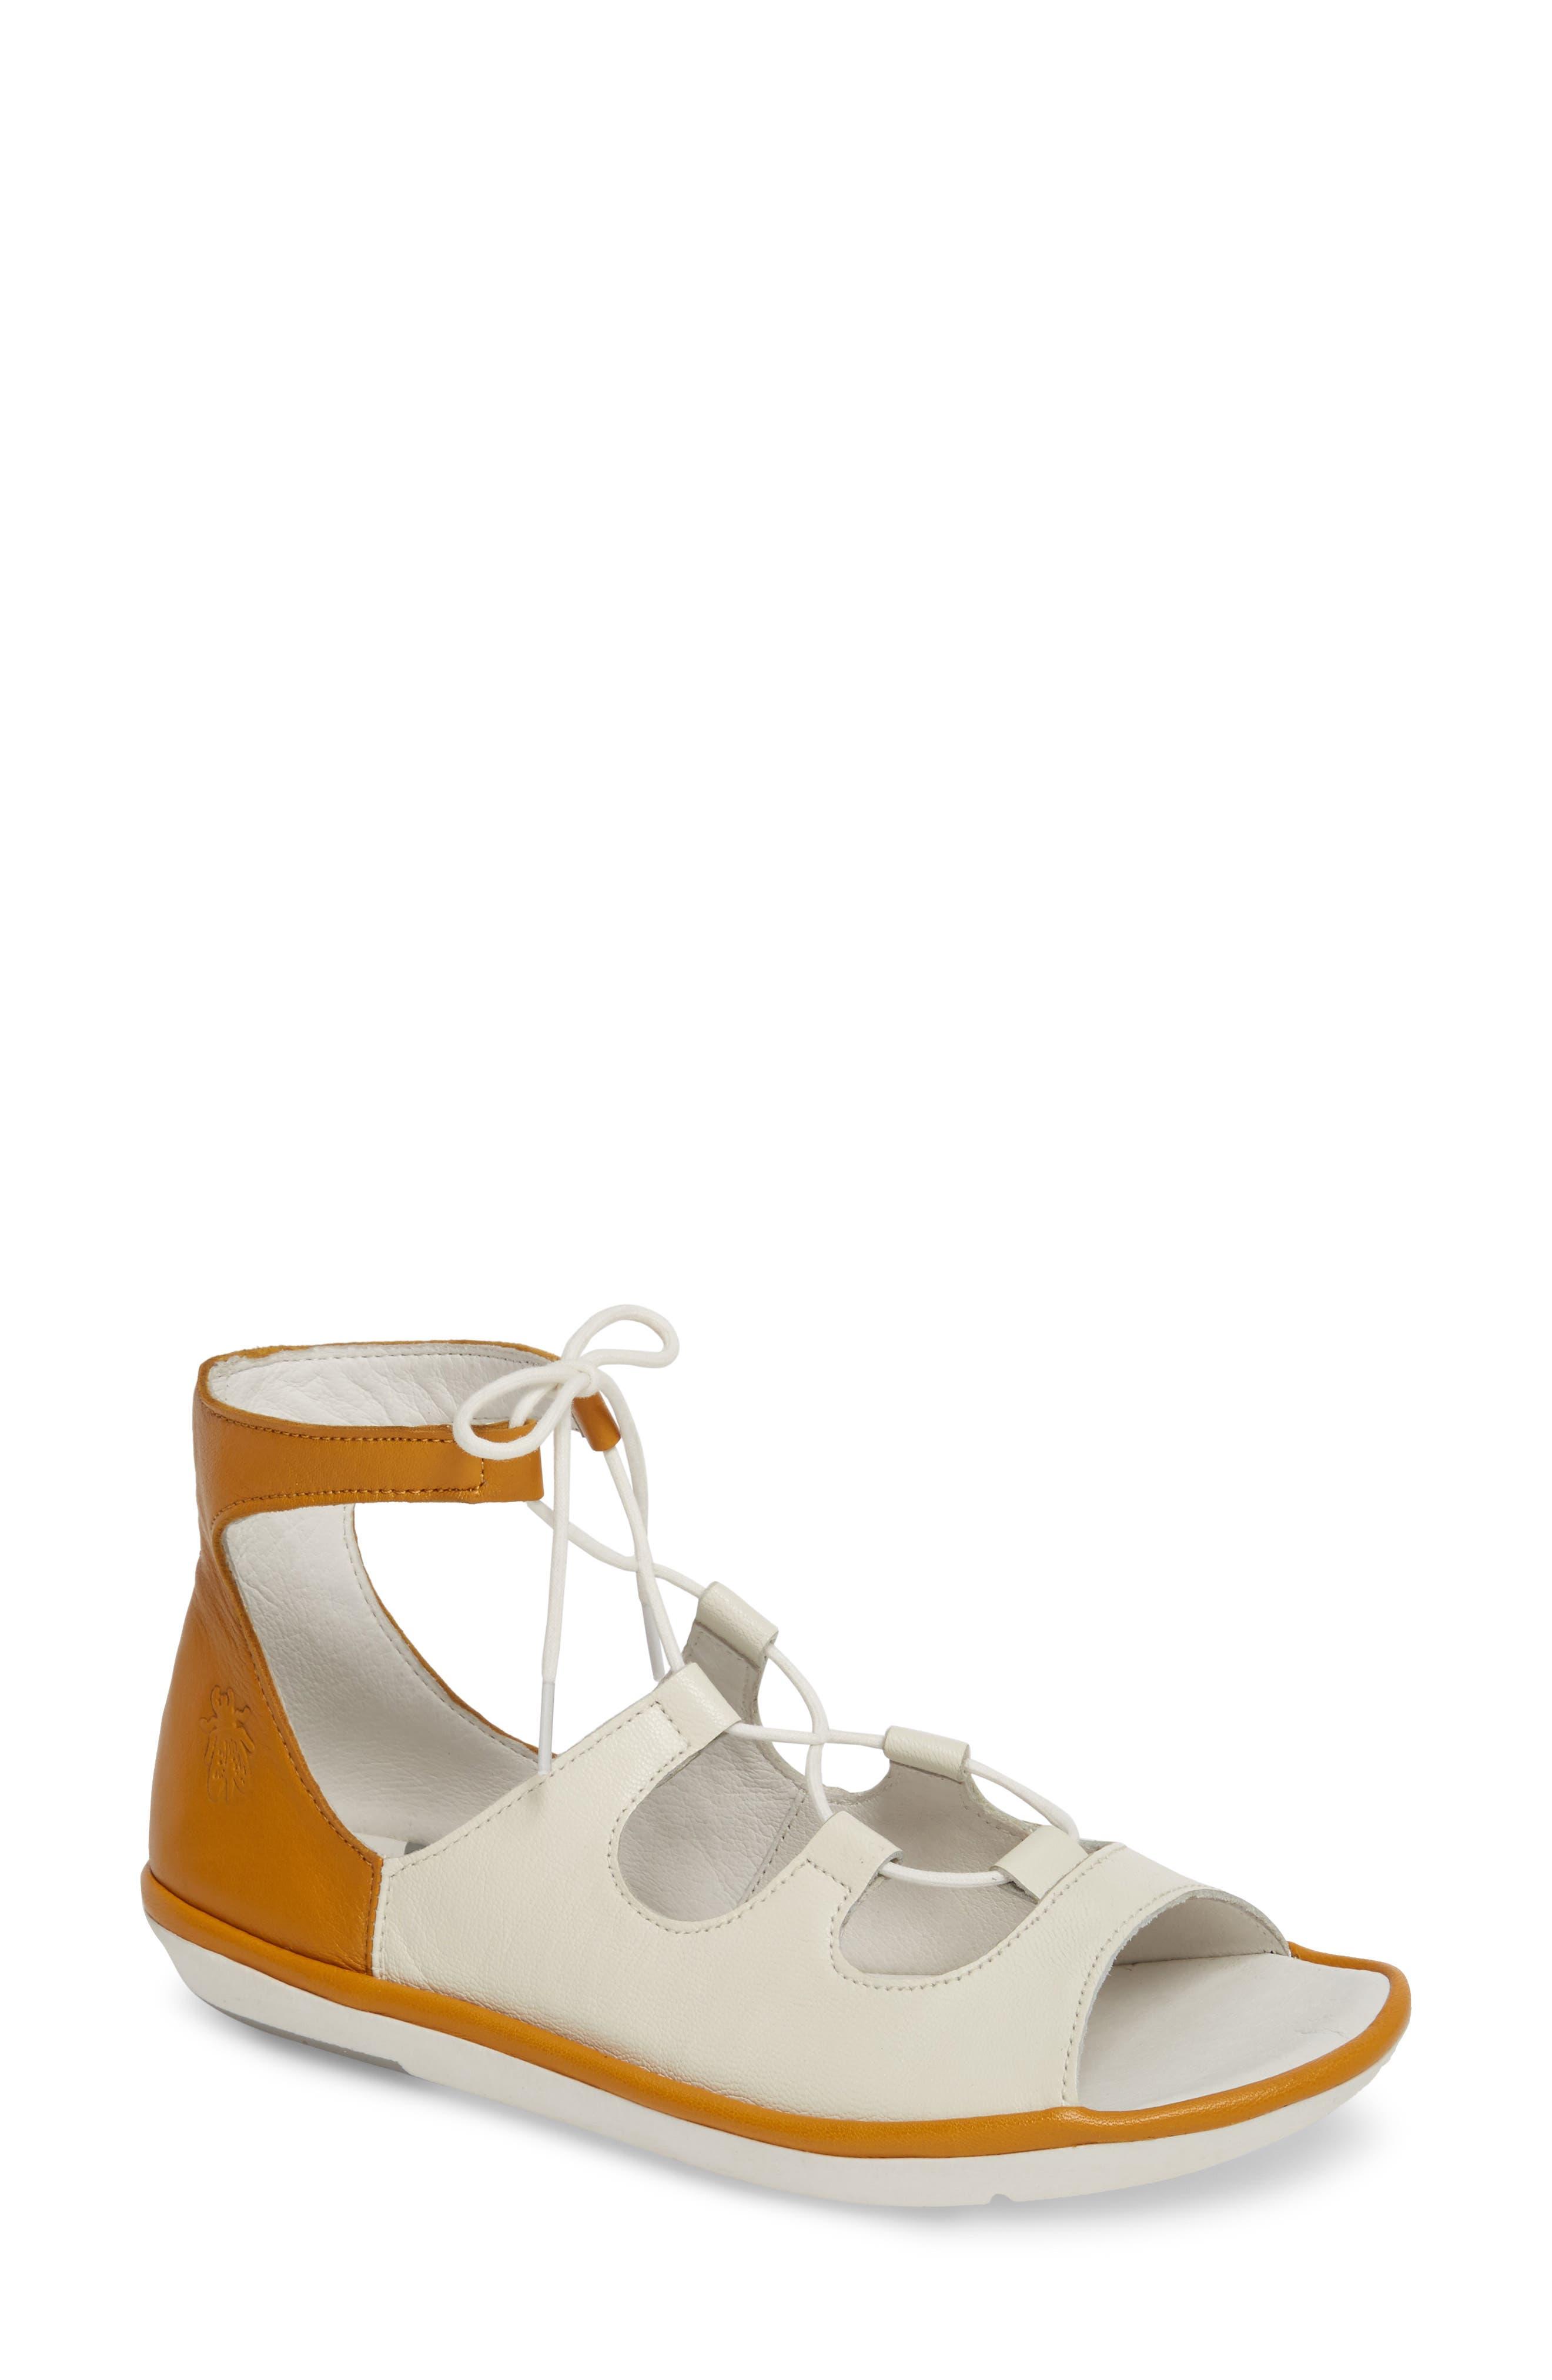 Fly London Mura Ghillie Sandal - White